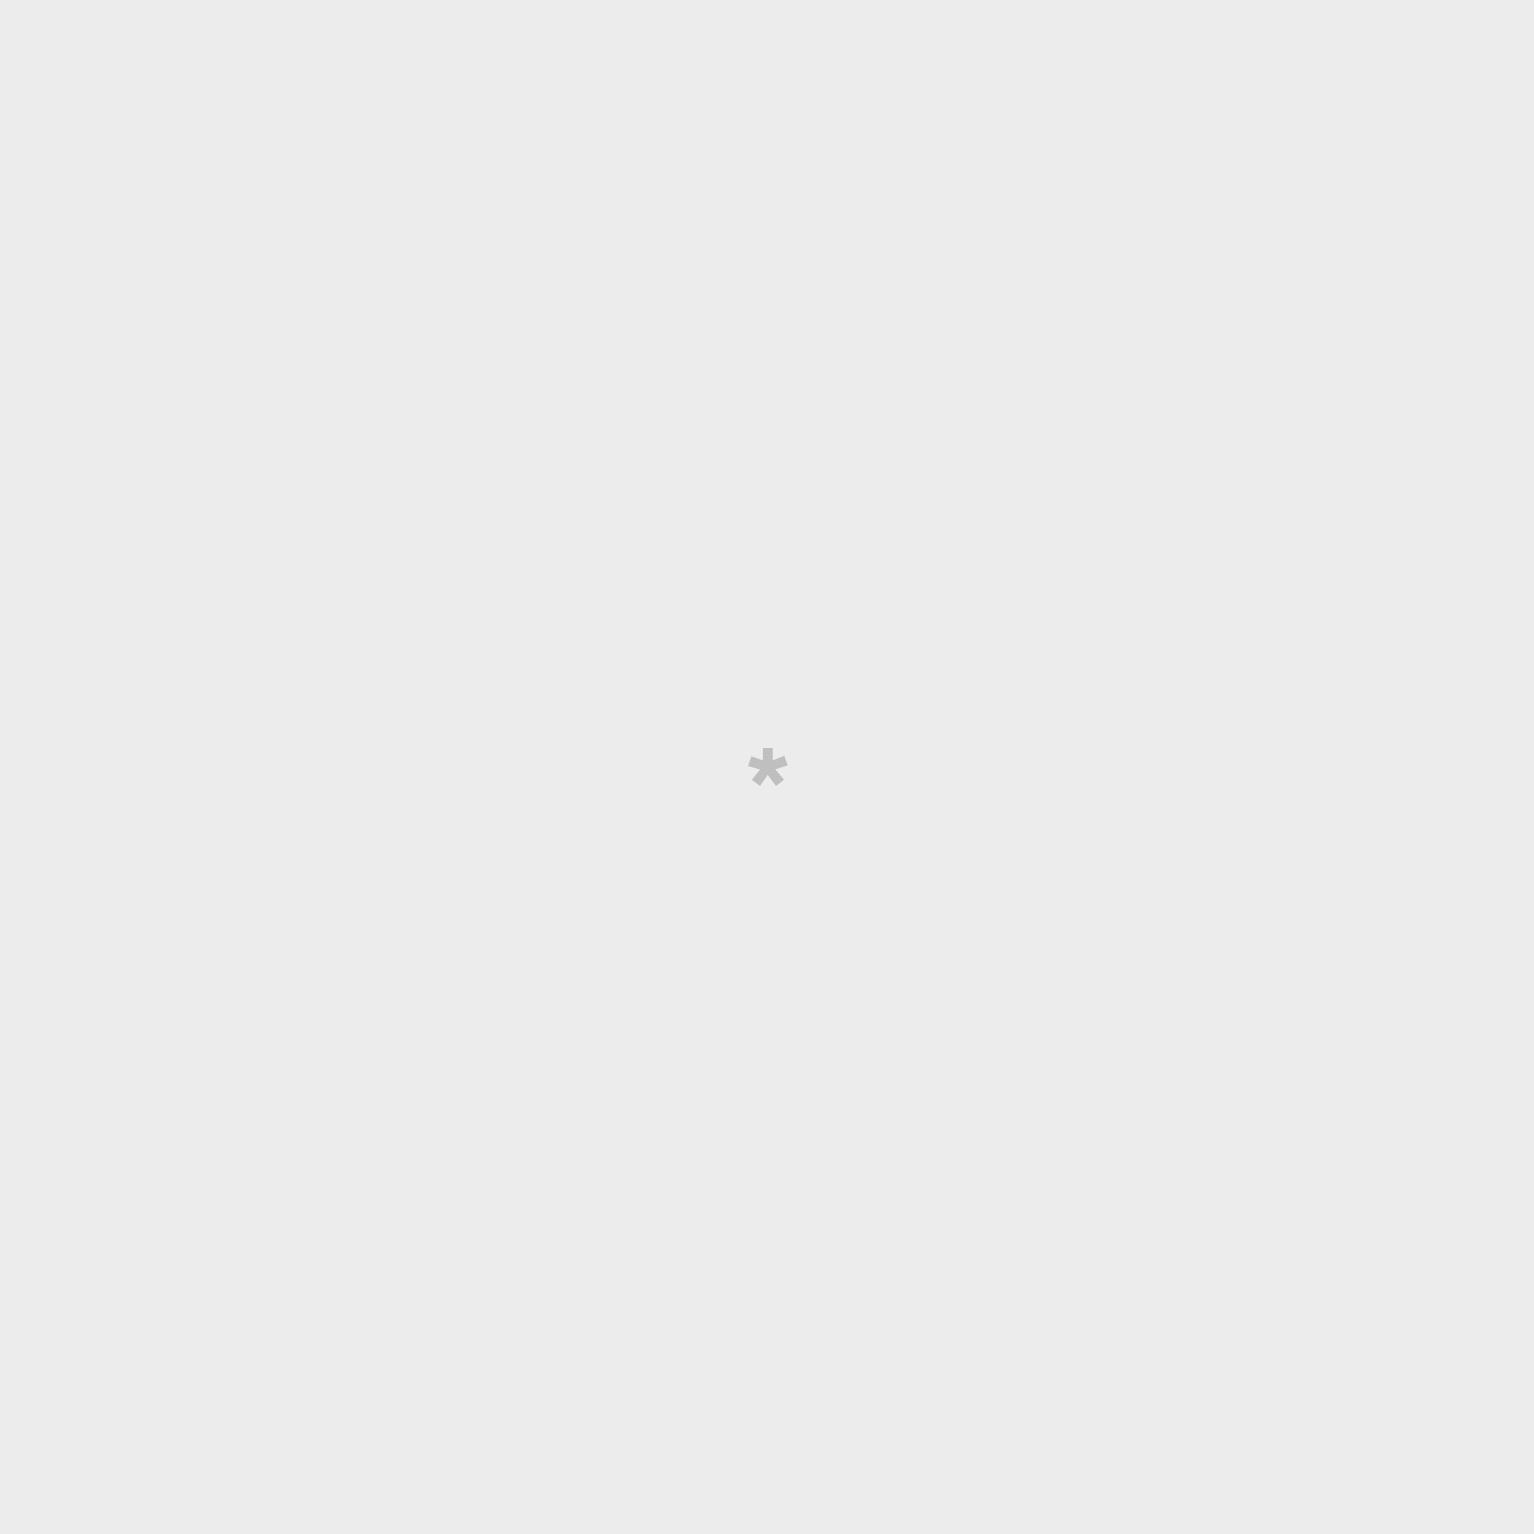 Desk organizer - Let's get to work!